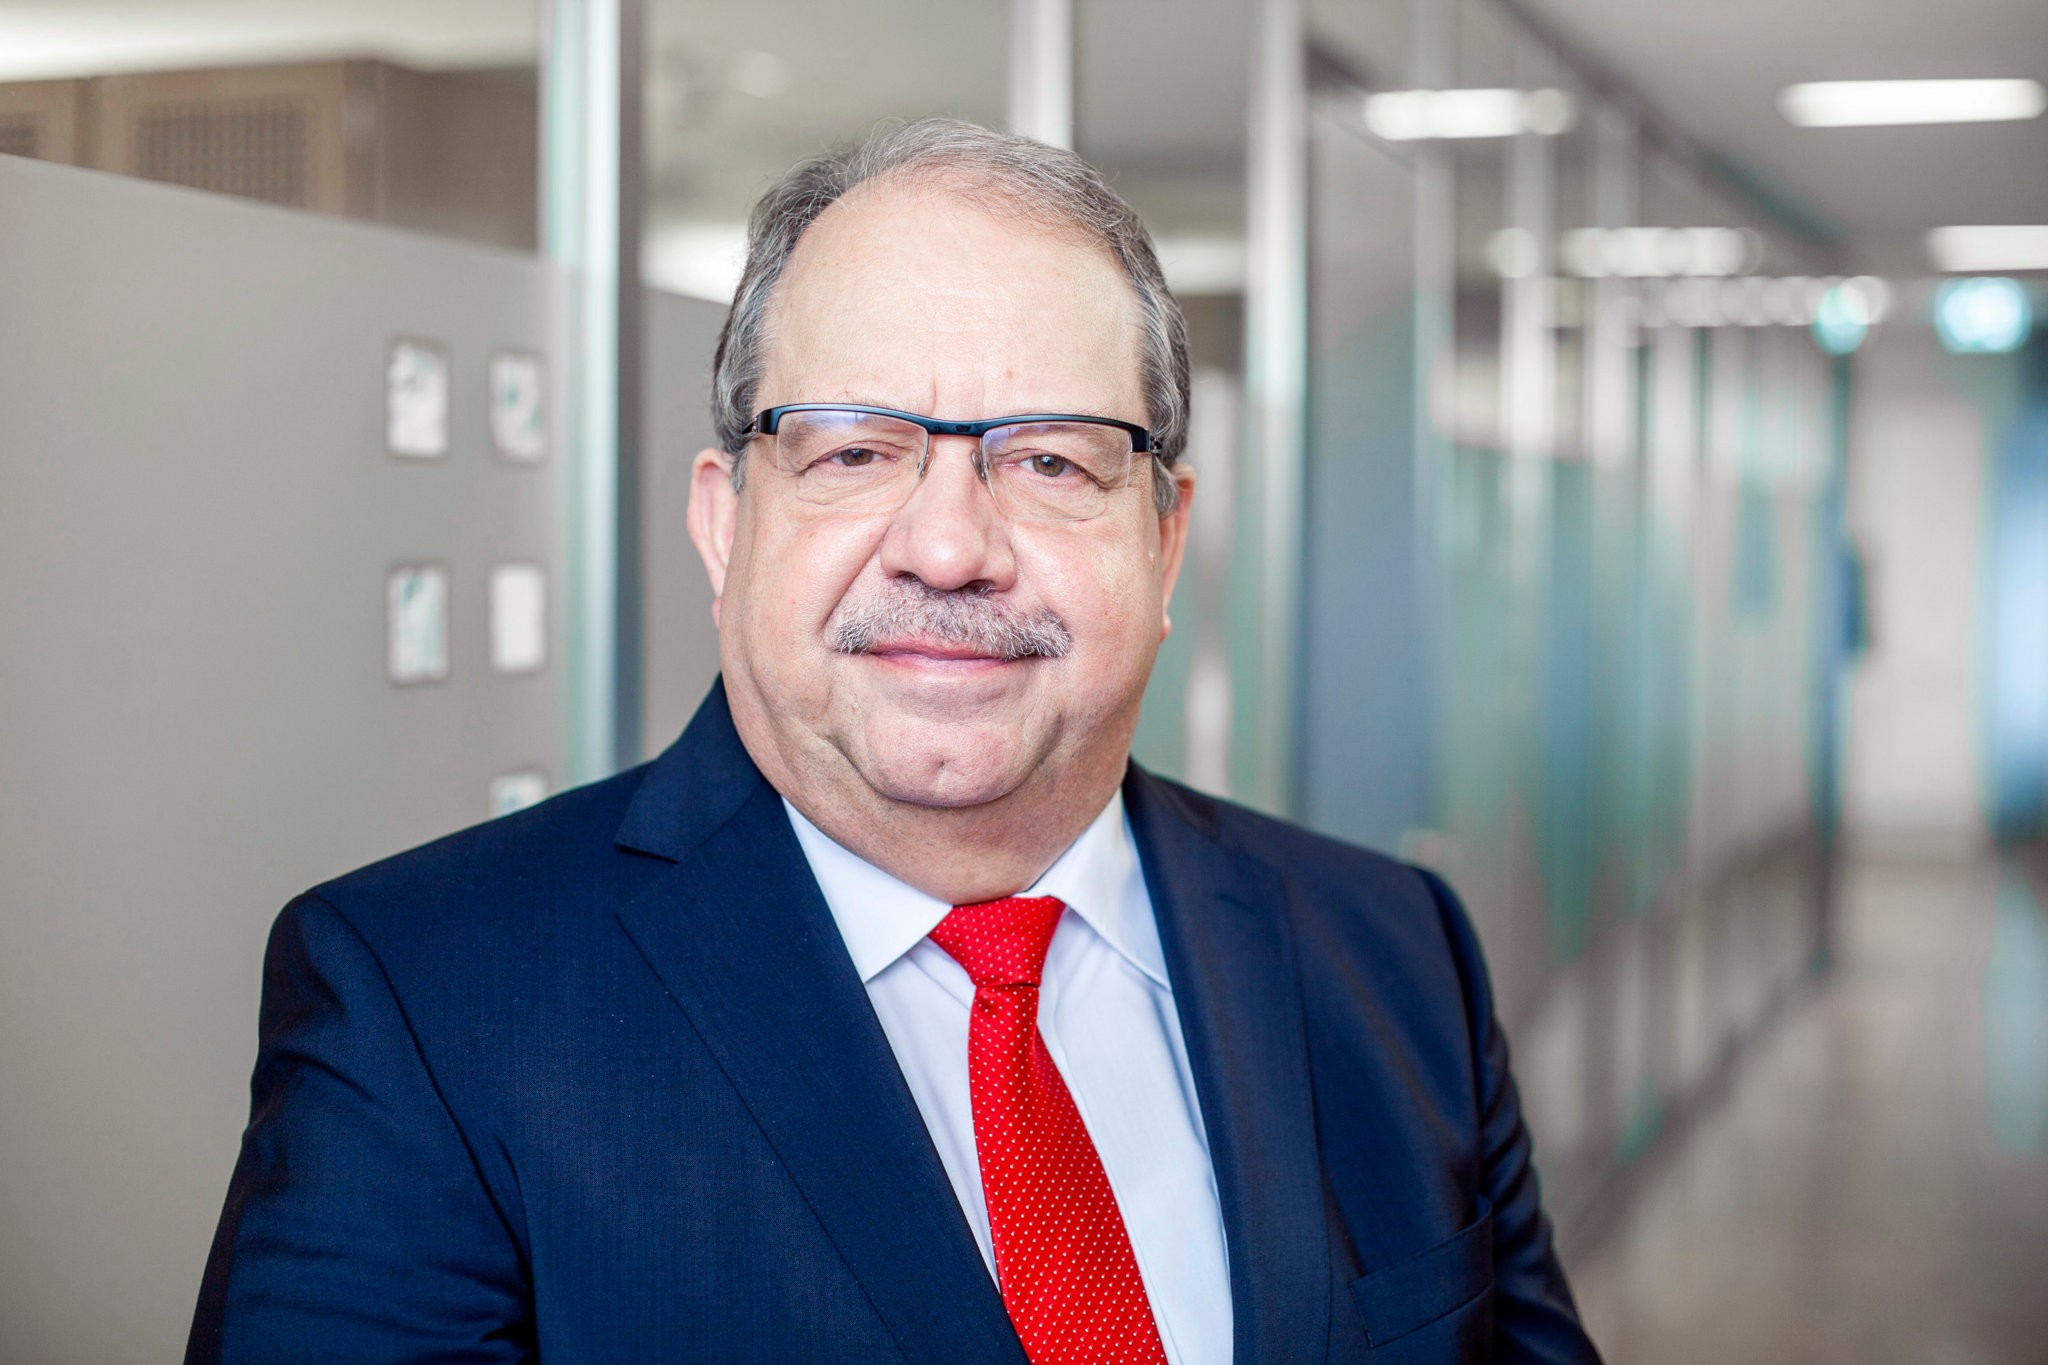 Dieter Kohlmeier 25 Jahre im Vorstand der Sparkasse Olpe-Drolshagen-Wenden